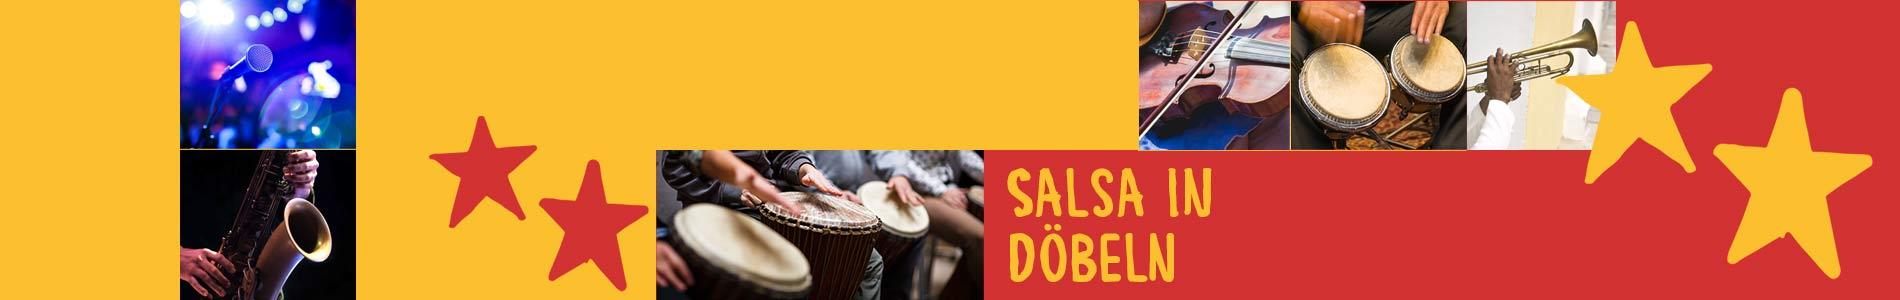 Salsa in Döbeln – Salsa lernen und tanzen, Tanzkurse, Partys, Veranstaltungen